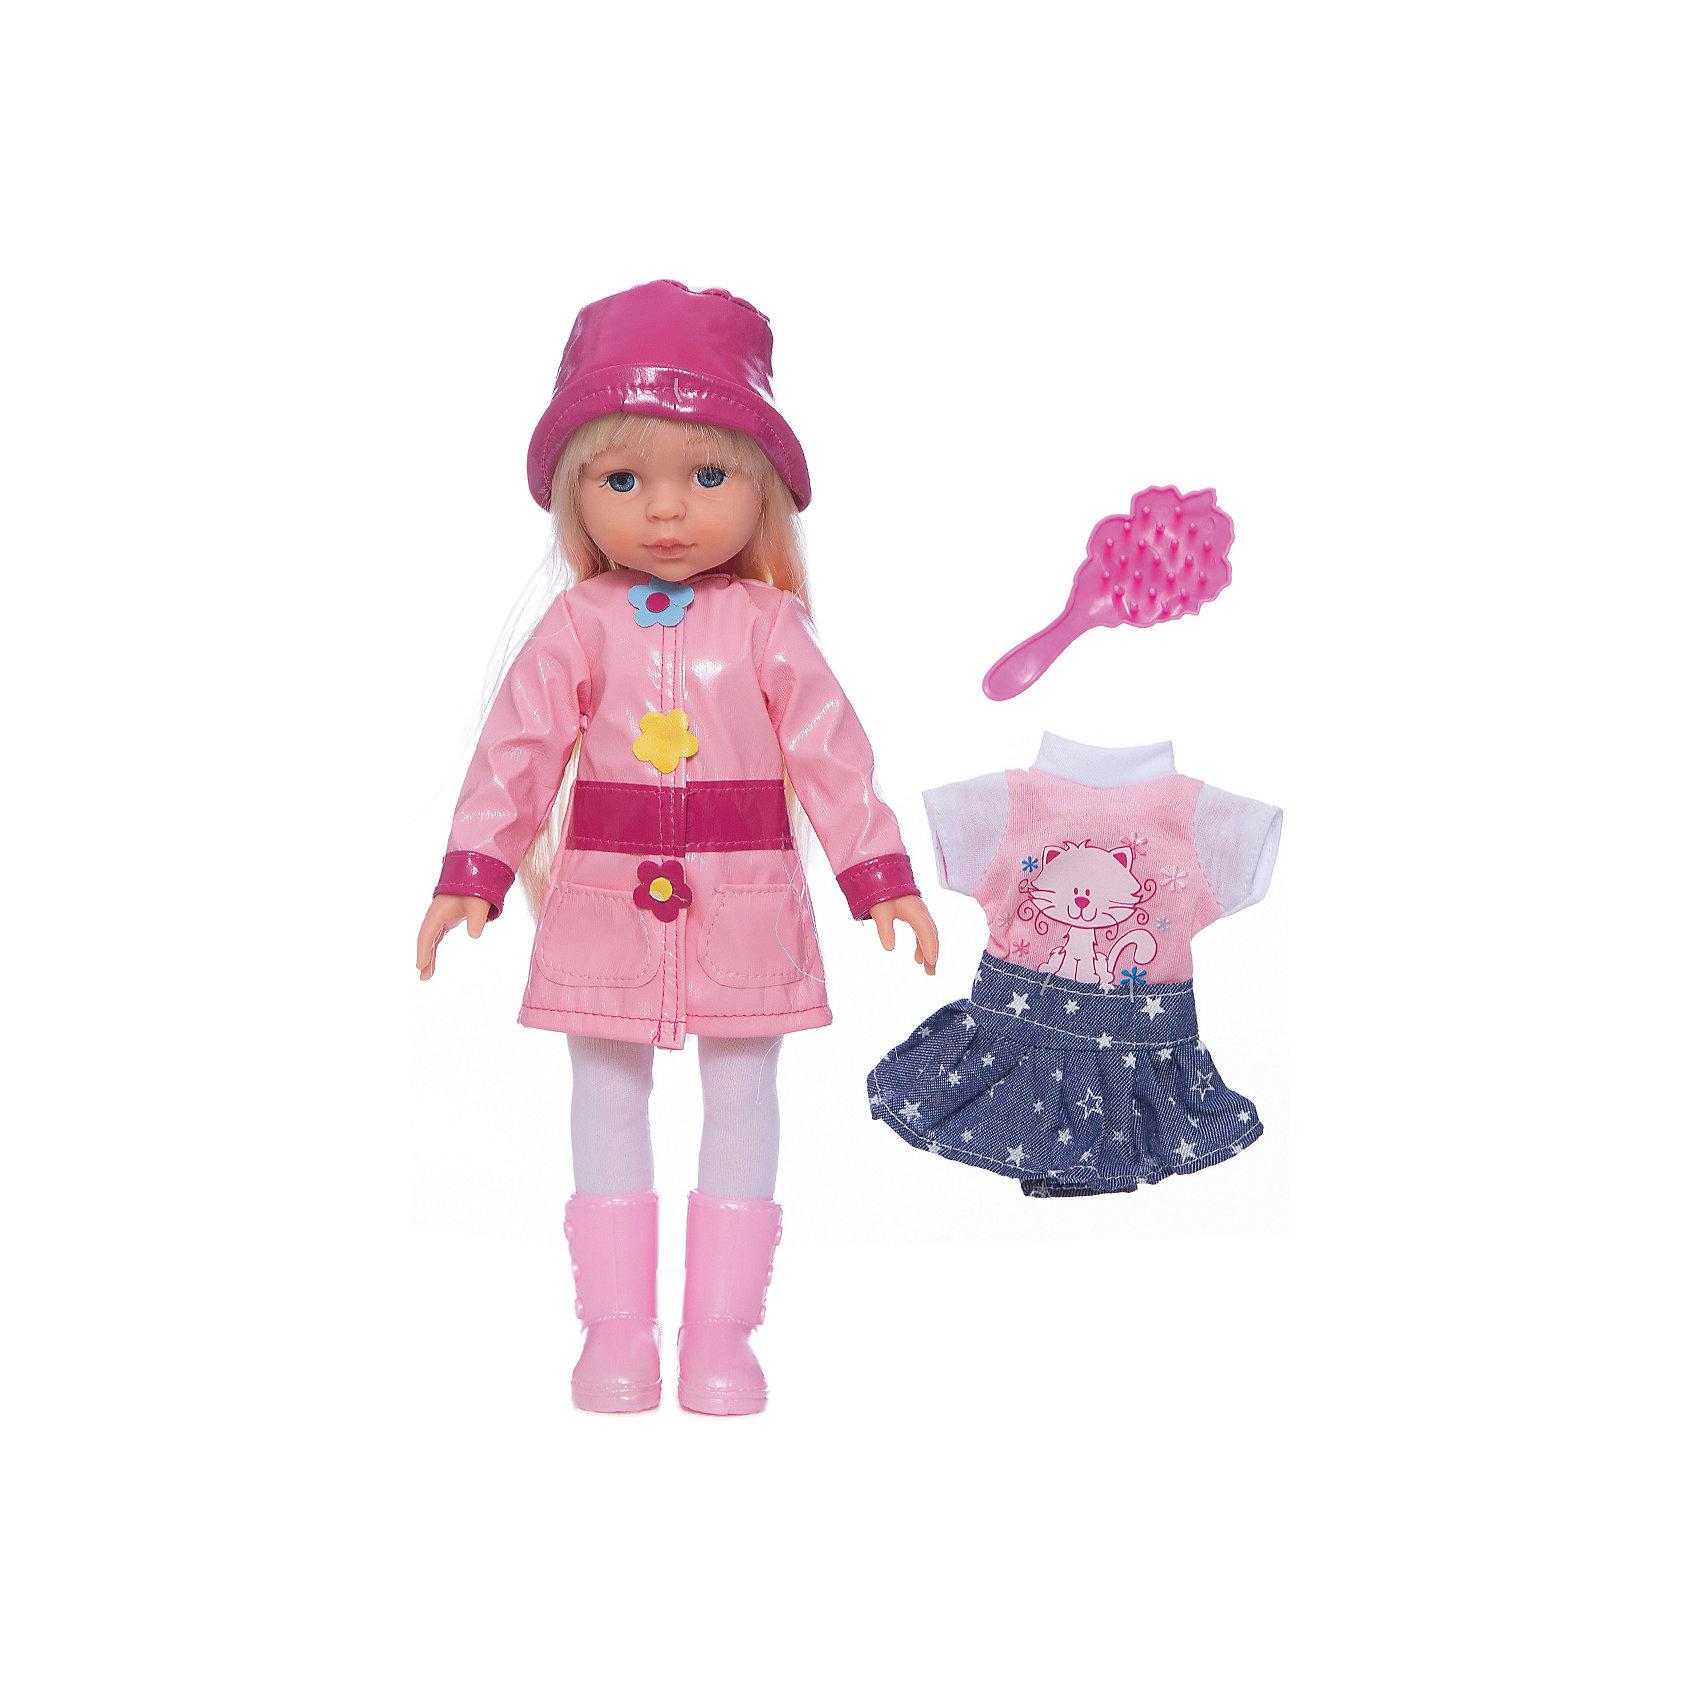 Кукла, с аксессуарами, в осенне-весенней одежде, 33 см, со звуком, КарапузКуклы<br>Кукла 33 см. в осенней одежде. С дополнительным комплектом одежды. Кукла рассказывает 4 стихотворения и поет 4 песенки. В комплект входит расческа.<br><br>Ширина мм: 90<br>Глубина мм: 350<br>Высота мм: 230<br>Вес г: 590<br>Возраст от месяцев: 36<br>Возраст до месяцев: 84<br>Пол: Женский<br>Возраст: Детский<br>SKU: 5420410